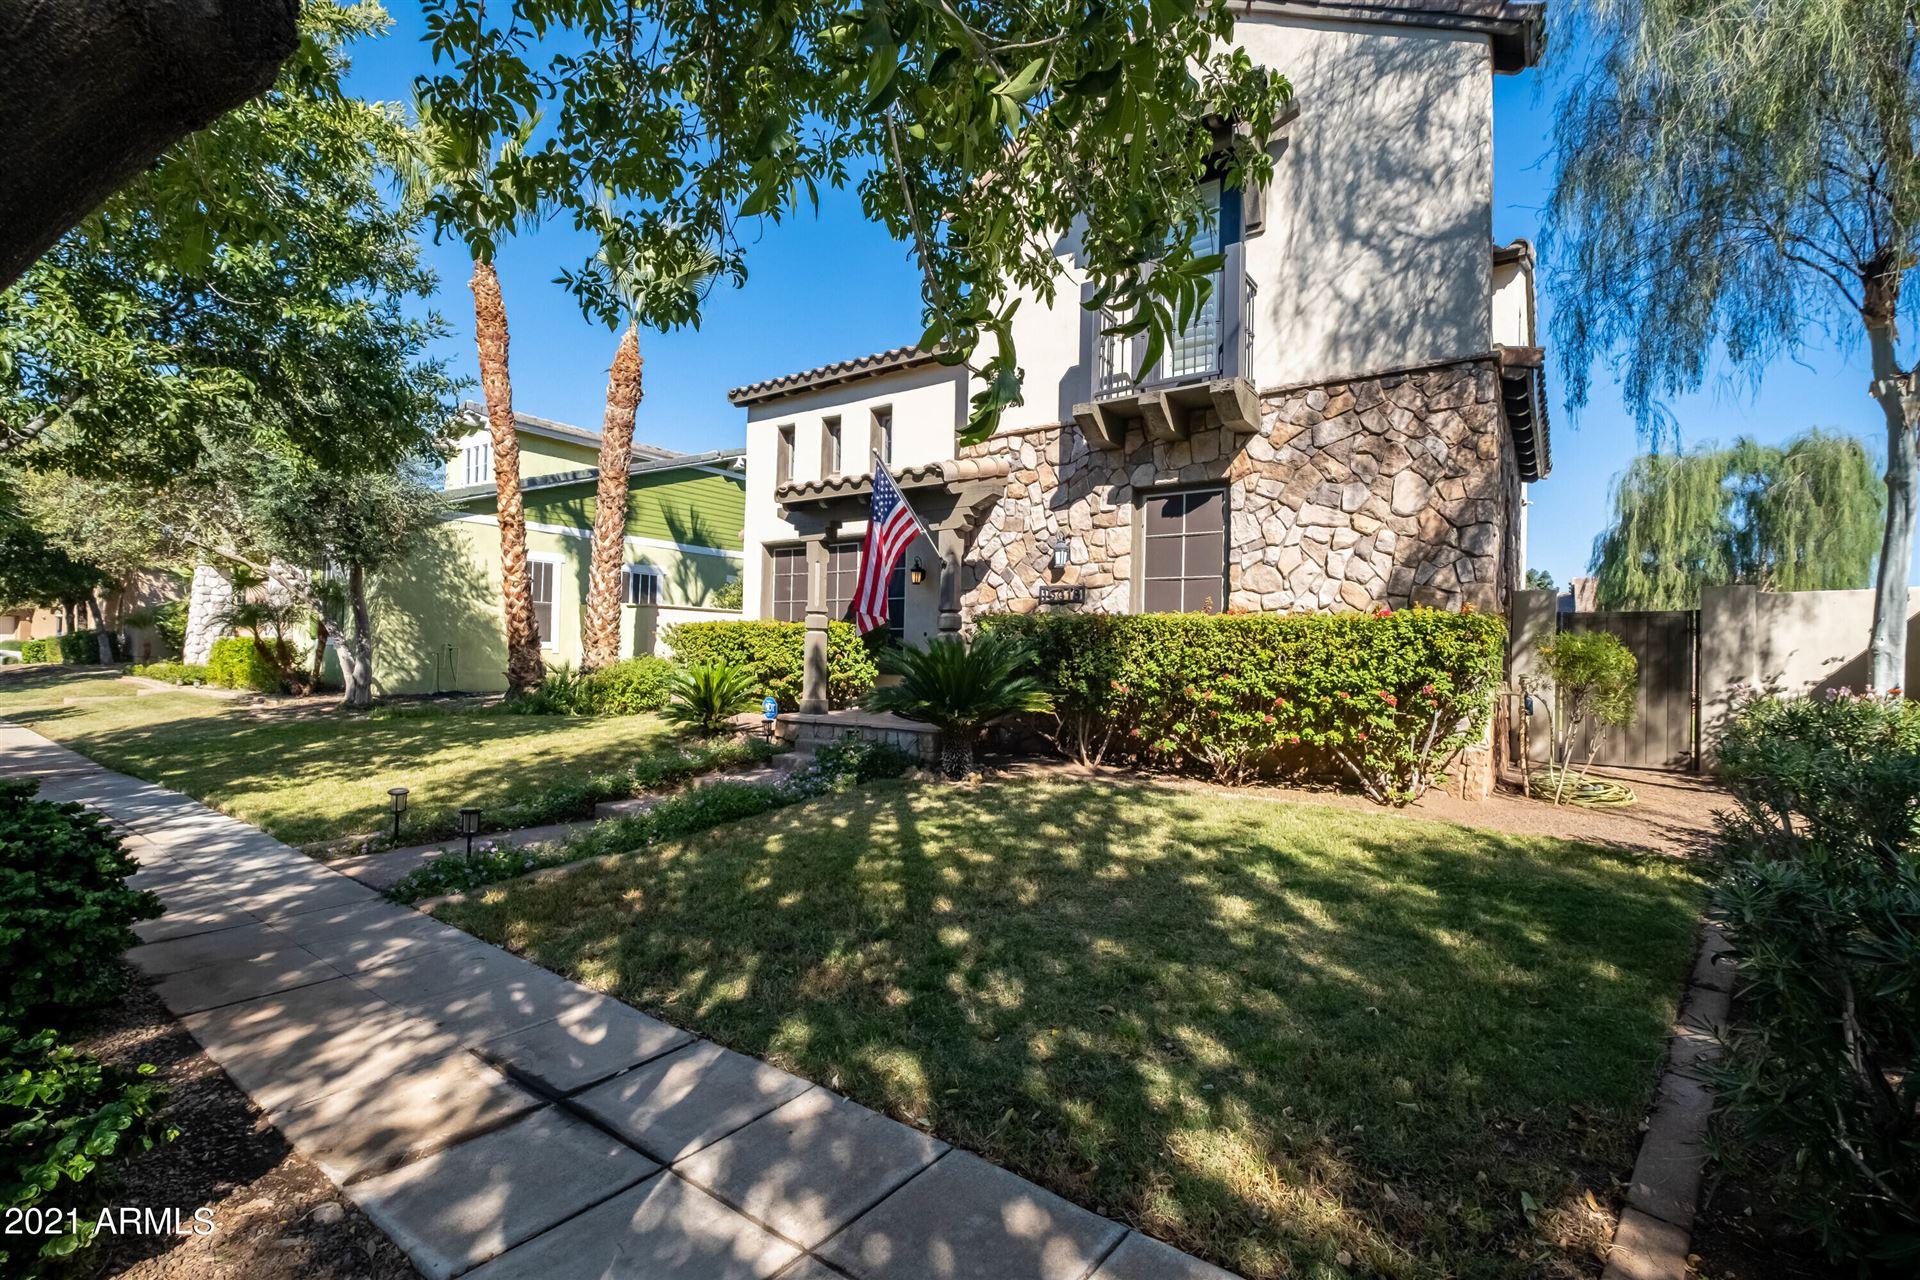 Photo of 15318 W SURREY Drive, Surprise, AZ 85379 (MLS # 6305389)